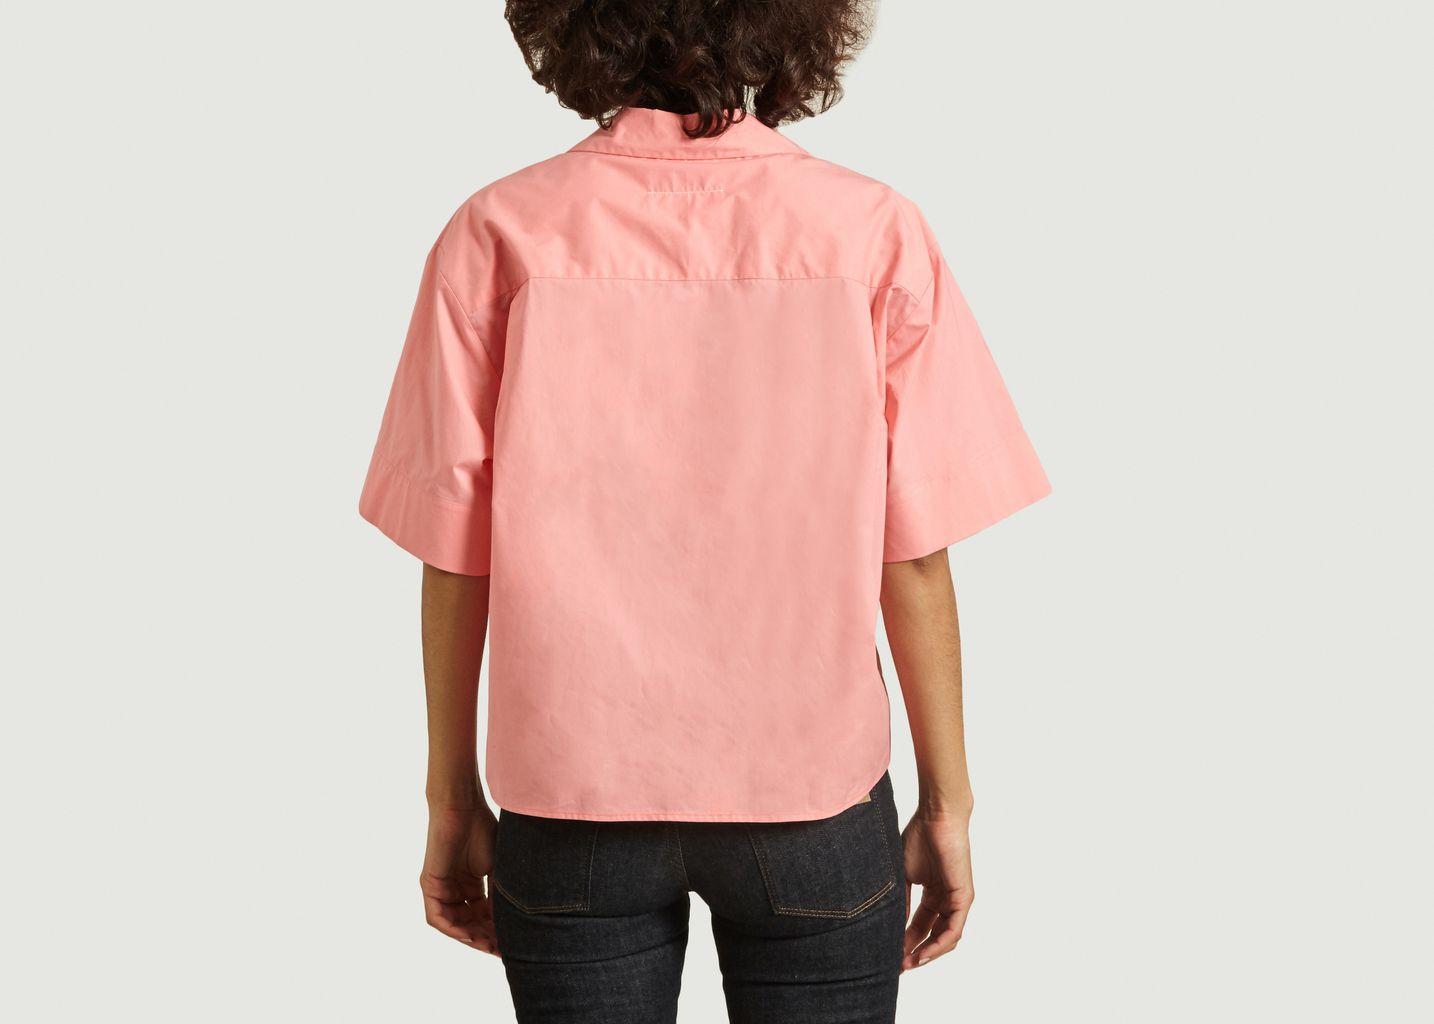 Chemise oversize col tailleur - MM6 Maison Margiela